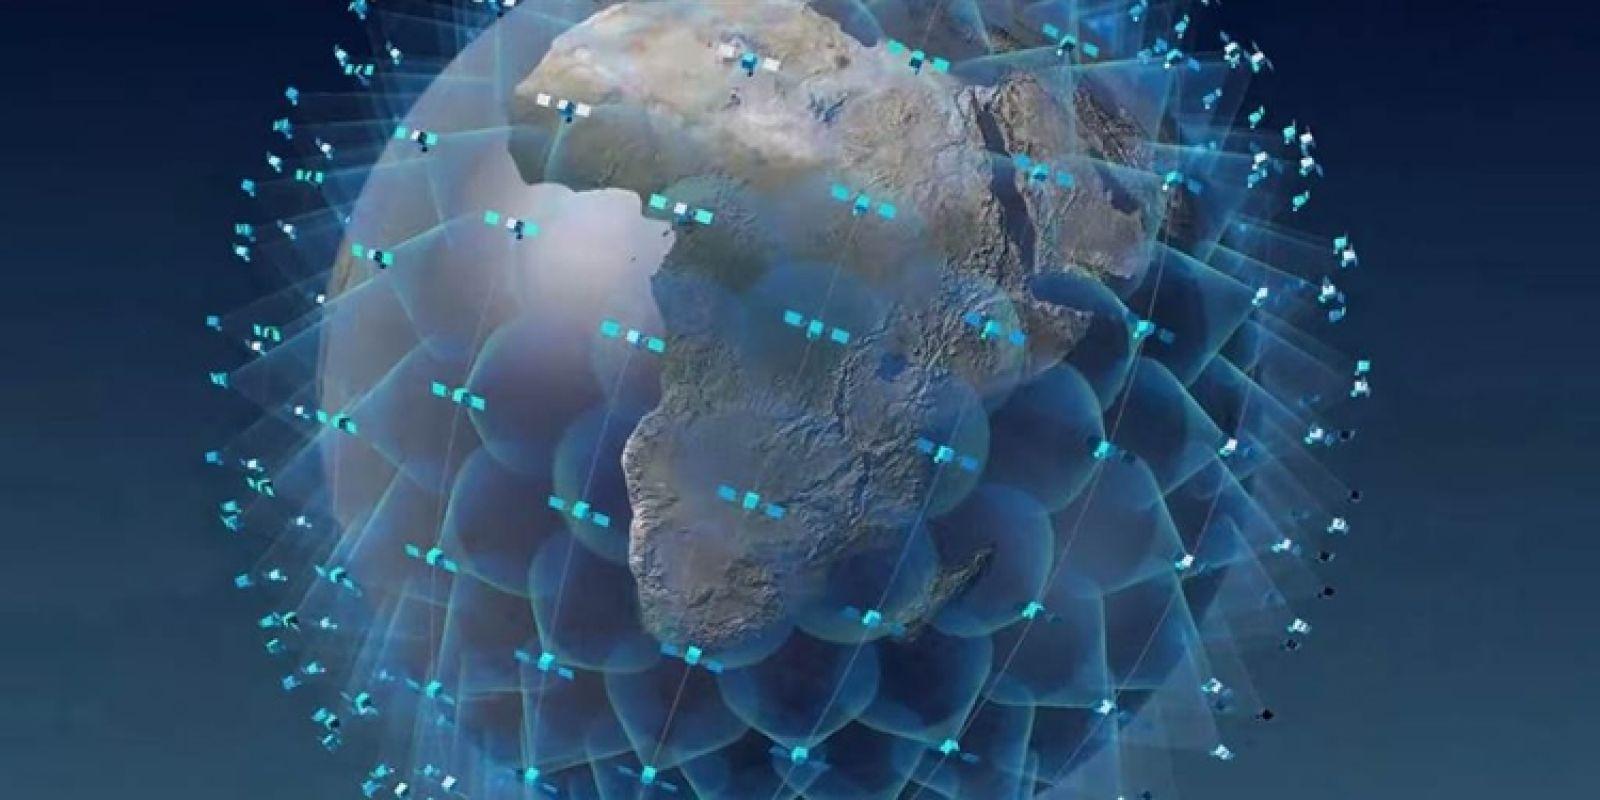 Компания OneWeb сообщила, что запущенные в феврале спутники работают лучше, чем ожидалось